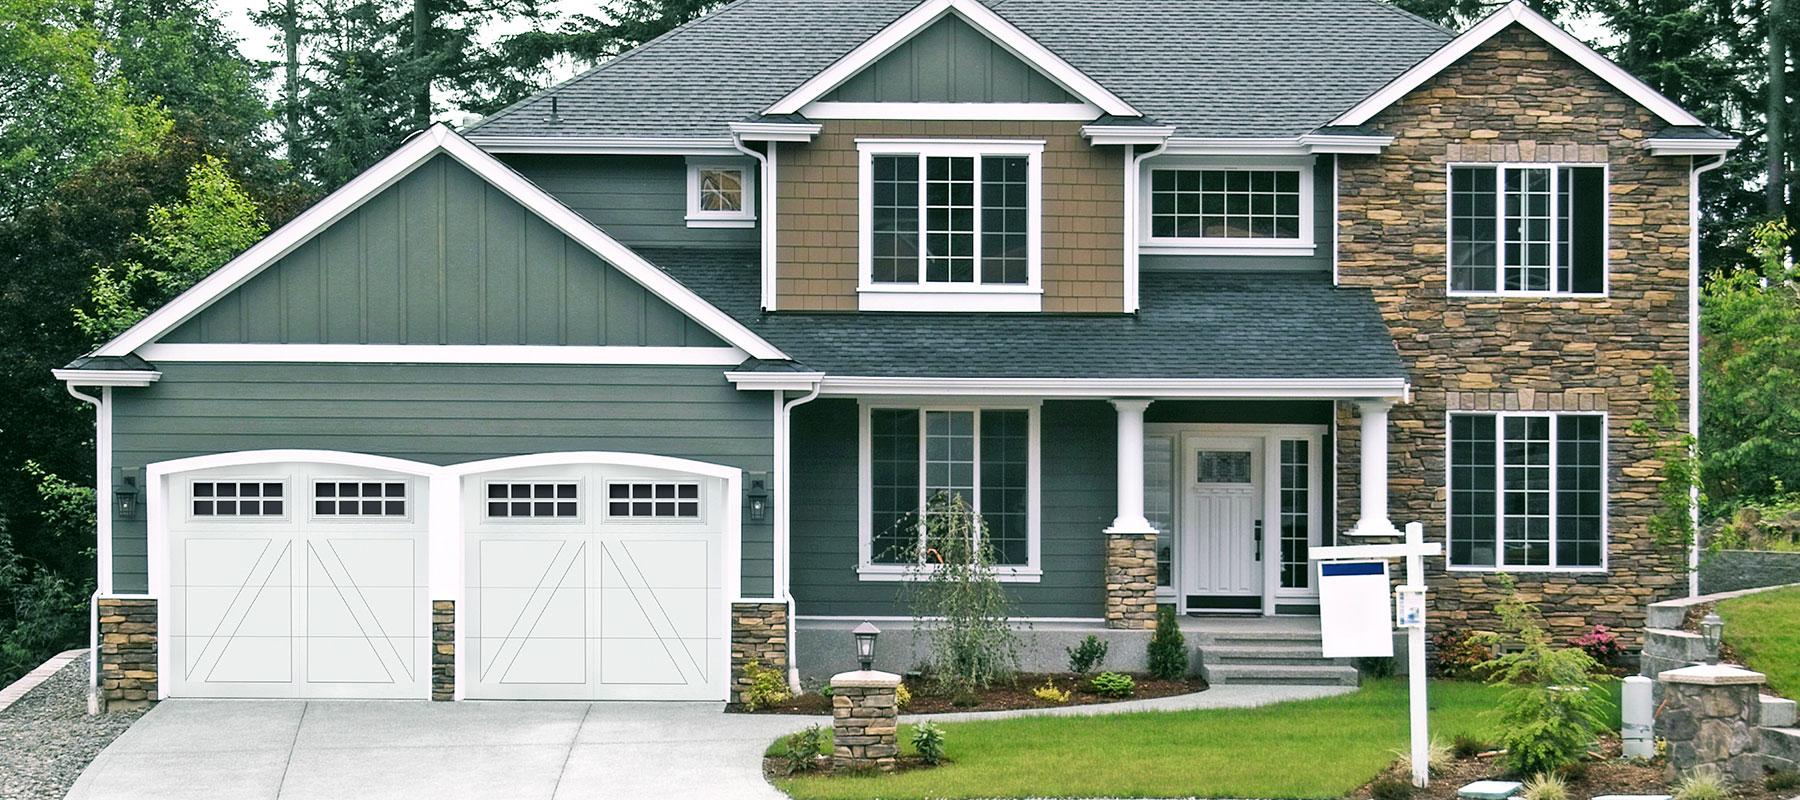 Carriage Creek - Carriage House Garage Door